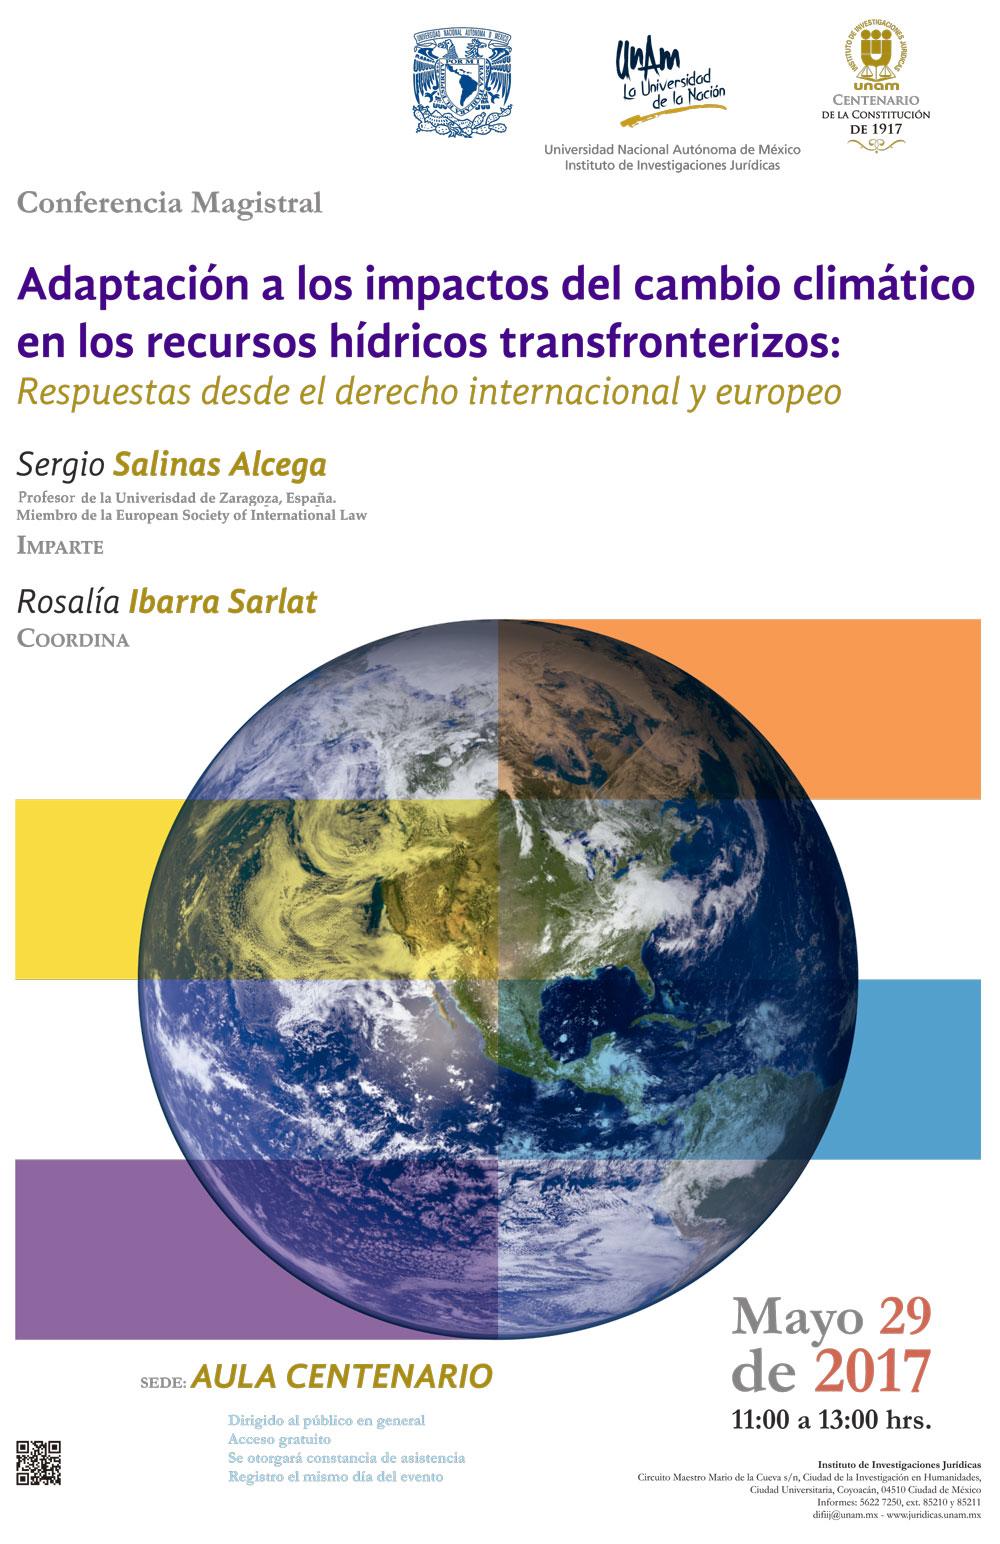 Adaptación a los impactos del cambio climático en los recursos hídricos transfronterizos: Respuestas desde el derecho internacional y europeo